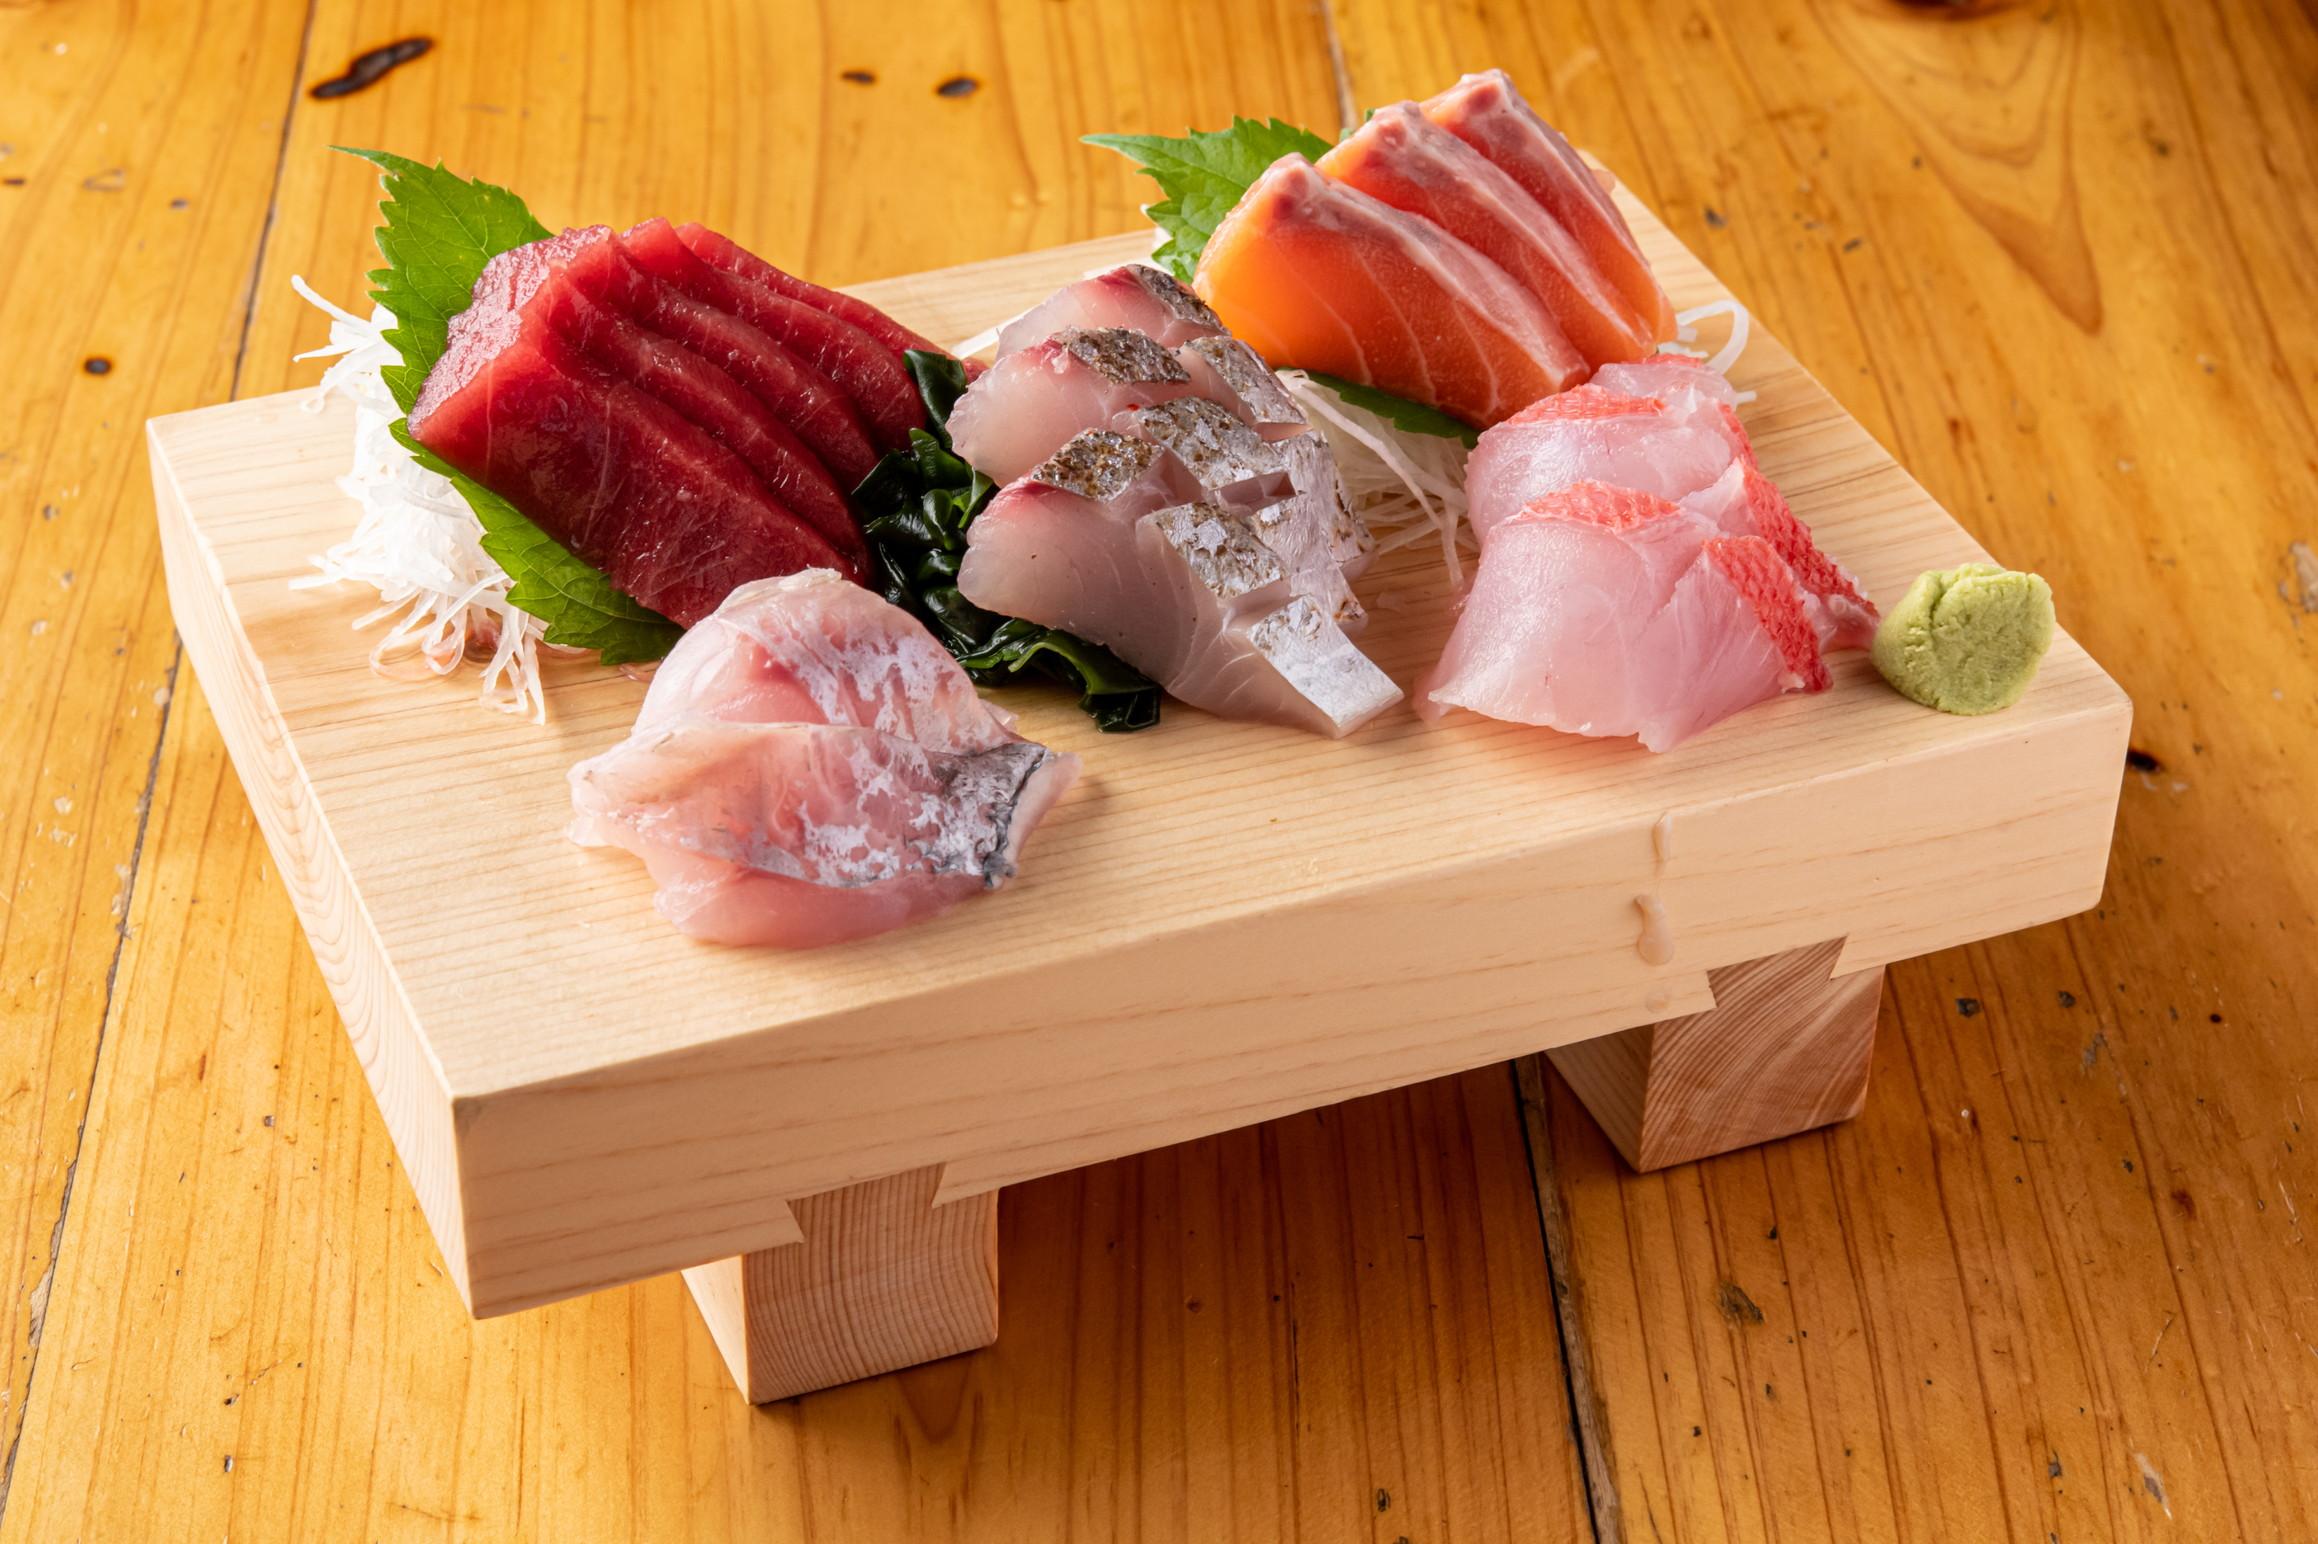 寿司 メニュー 屋台 寿司居酒屋 や台ずし